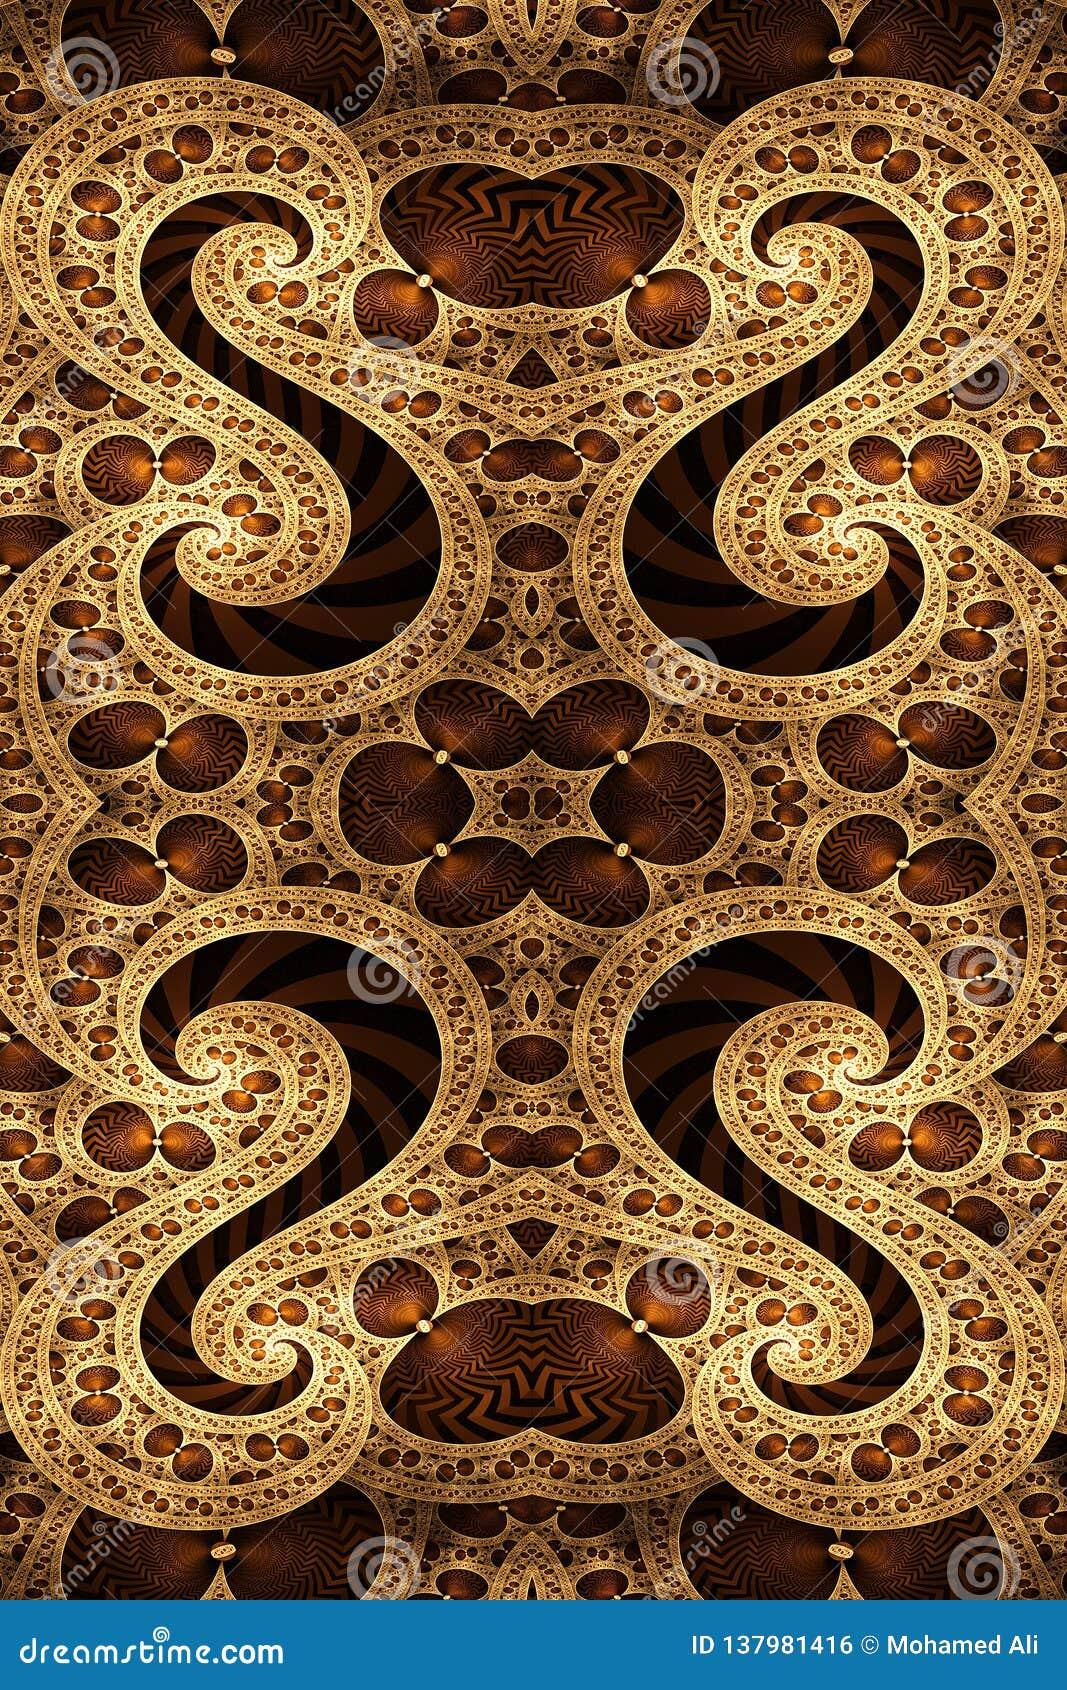 Ilustraciones S-formadas únicas generadas por ordenador de los modelos del fractal del extracto 3d